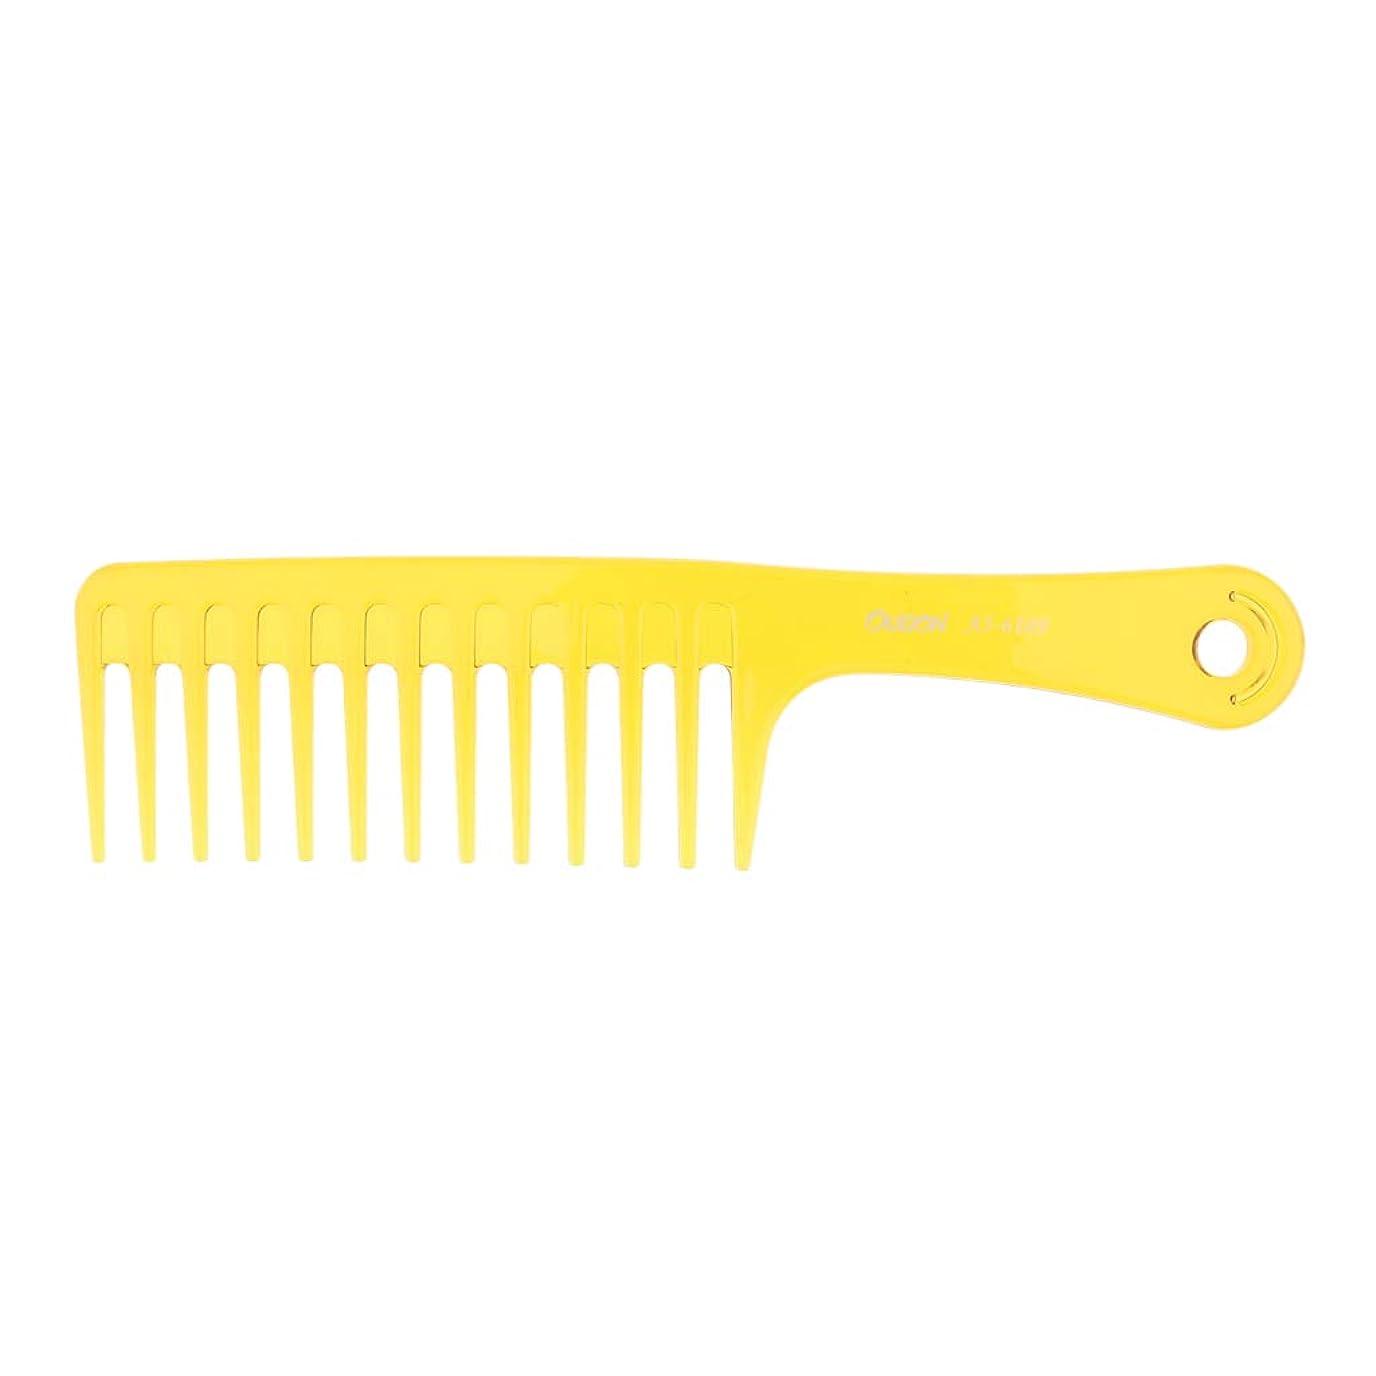 コミット好戦的な打倒P Prettyia ヘアブラシ 帯電防止櫛 プラスチック製 ヘアコーム サロン用 自宅用 2色選べ - 黄